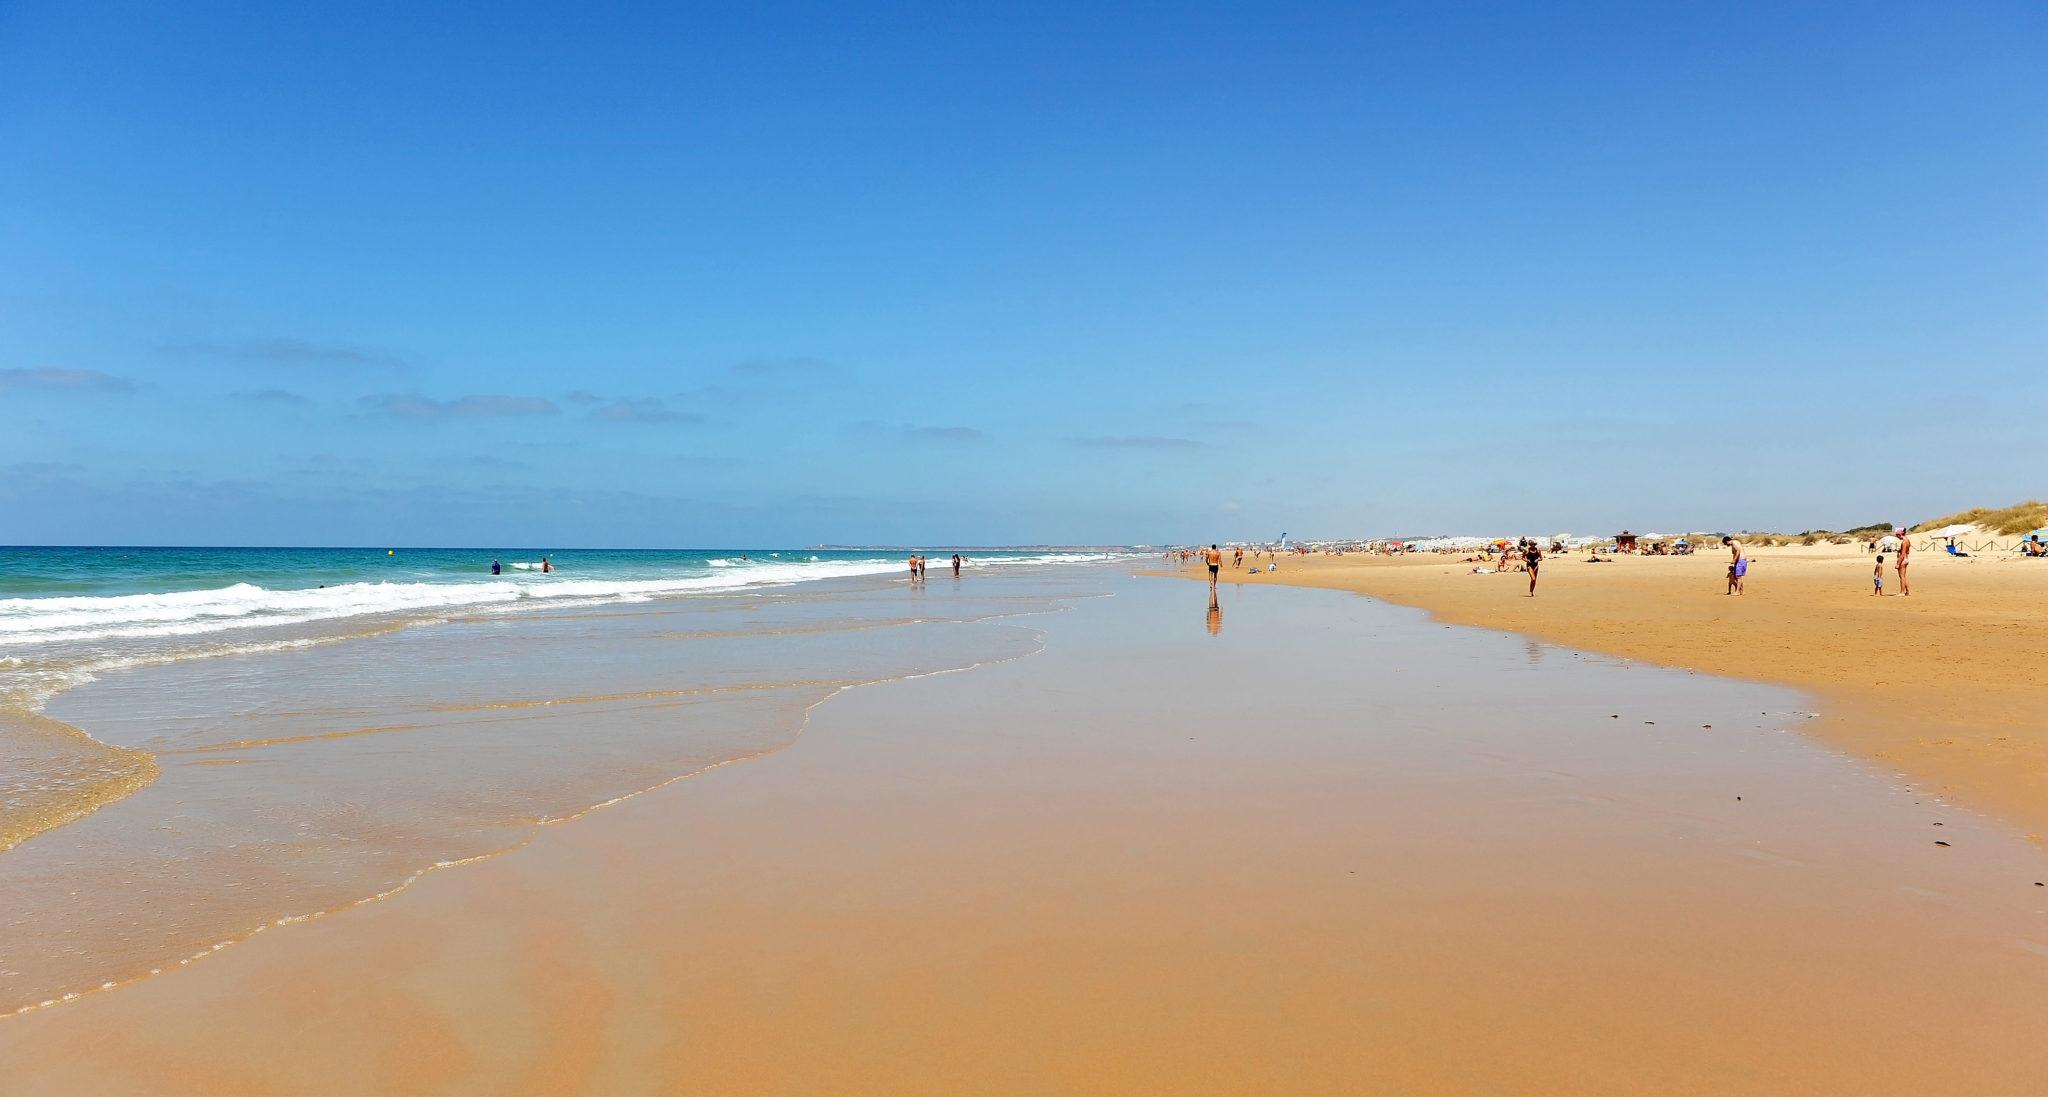 Traumstrand an der Costa de la Luz